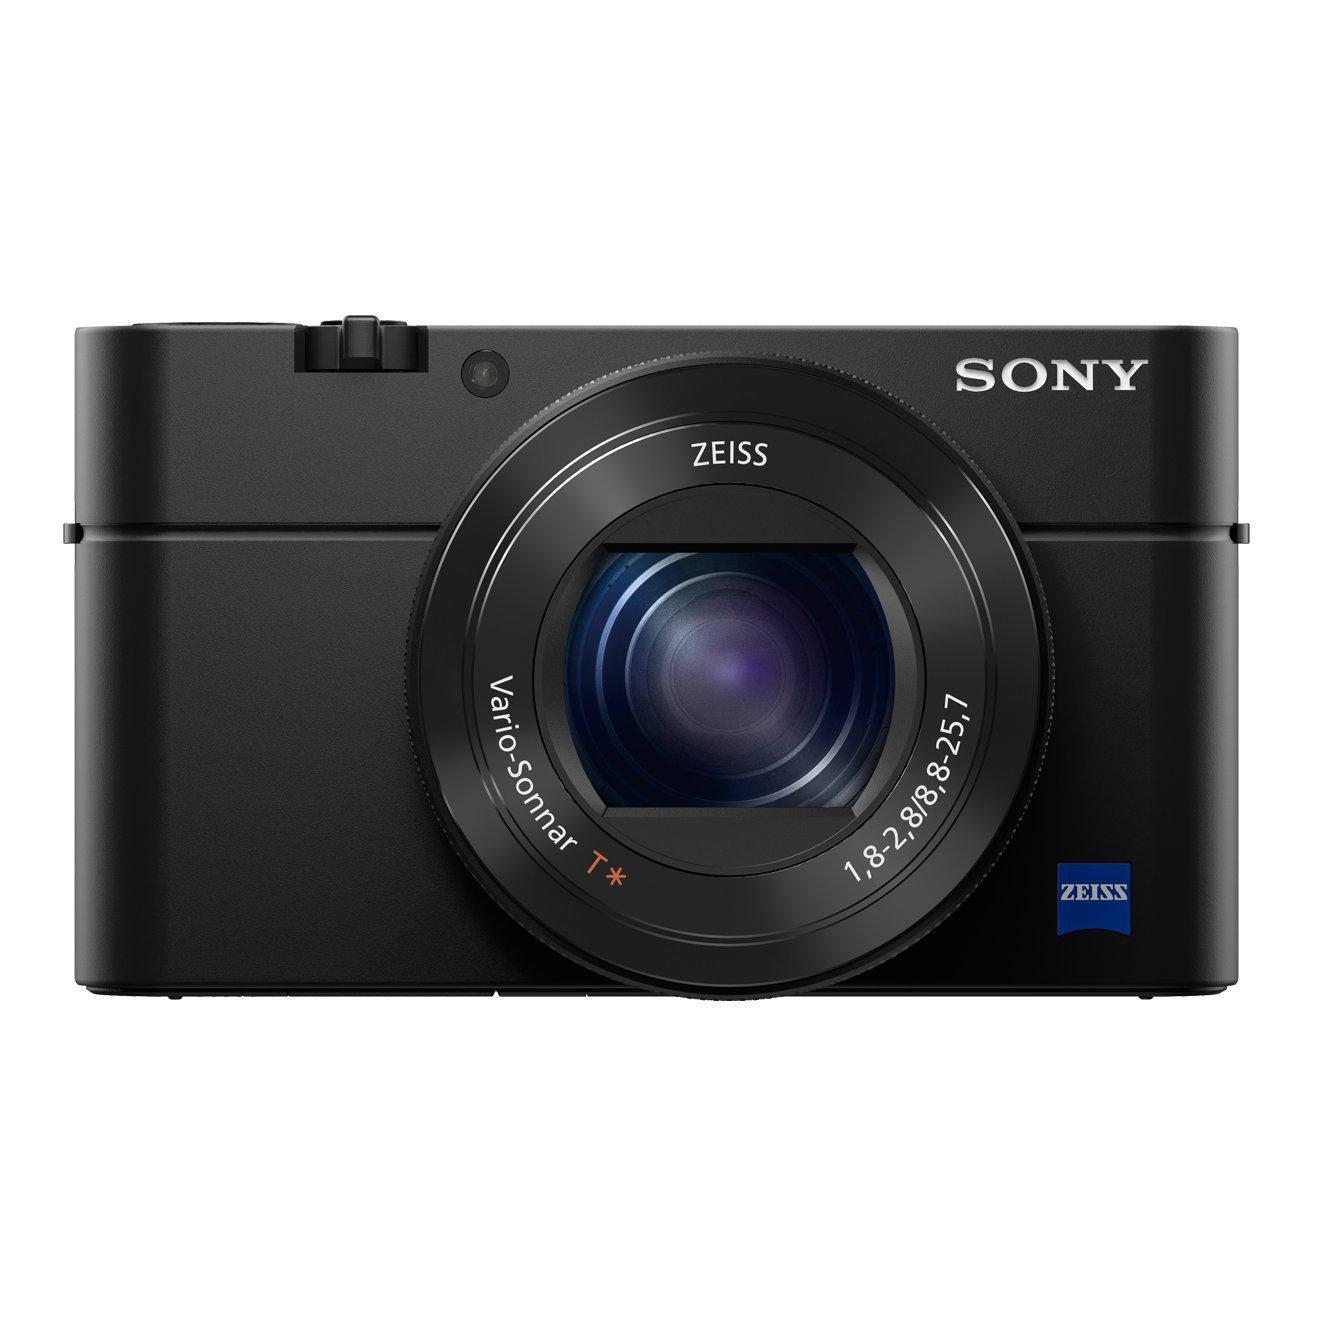 Appareil photo compact Sony DSC-RX100 Mark IV – 20.1 Mpix, Capteur 1″, 4K